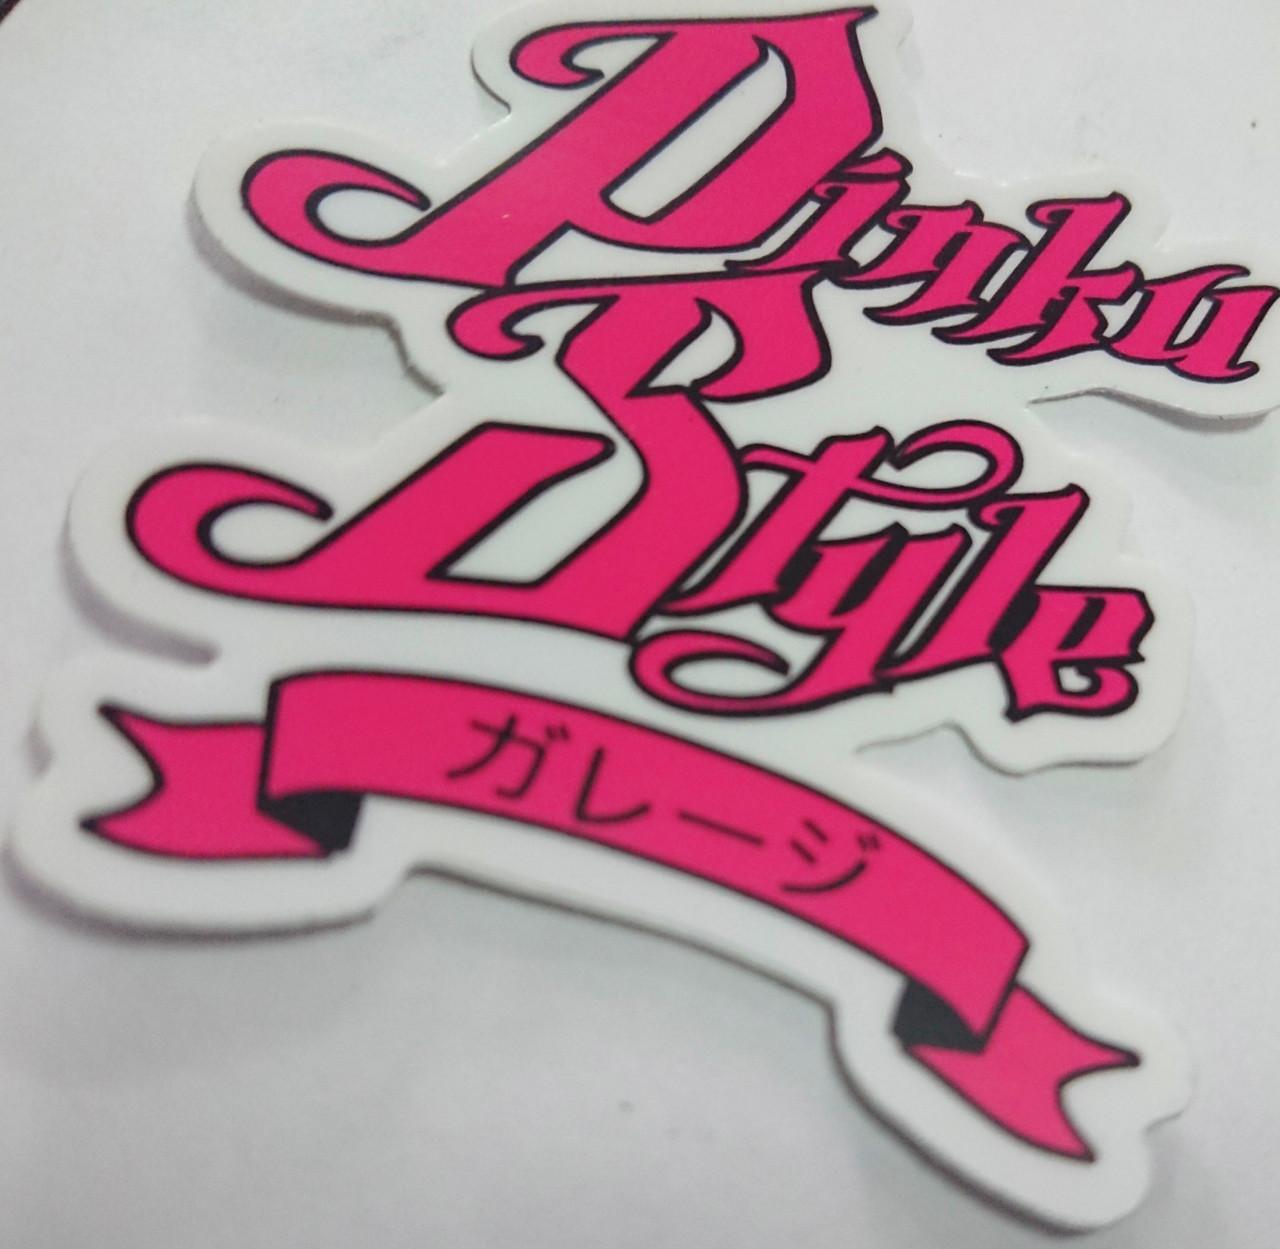 Pinku Style 02 Small Kiss Cut (2)